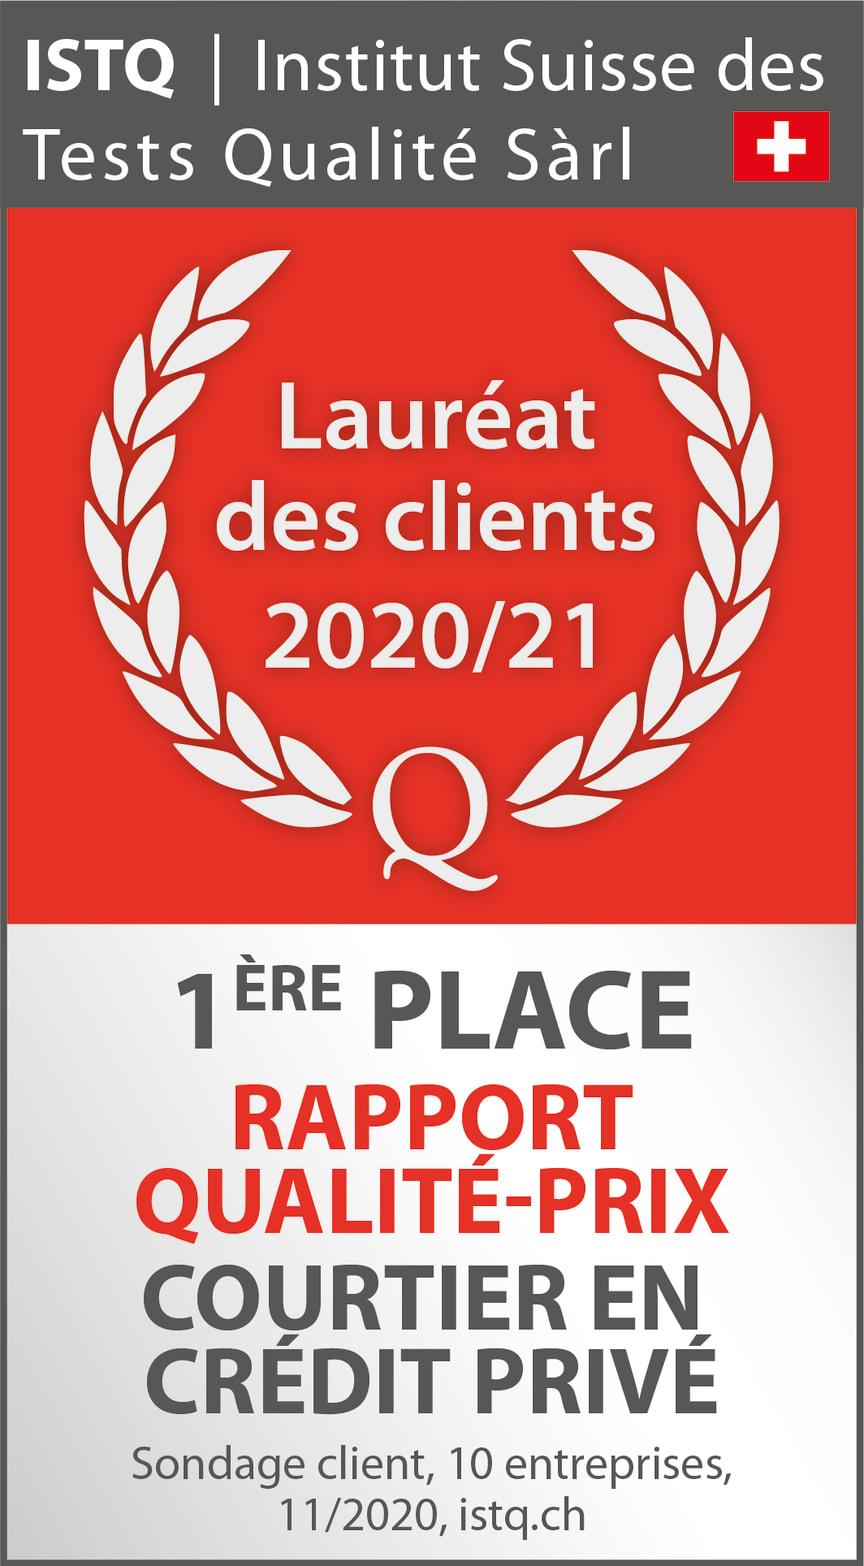 Cachet_LaureatDesClients_1ere_RapportQualite-prix_FinanceScout24.jpg